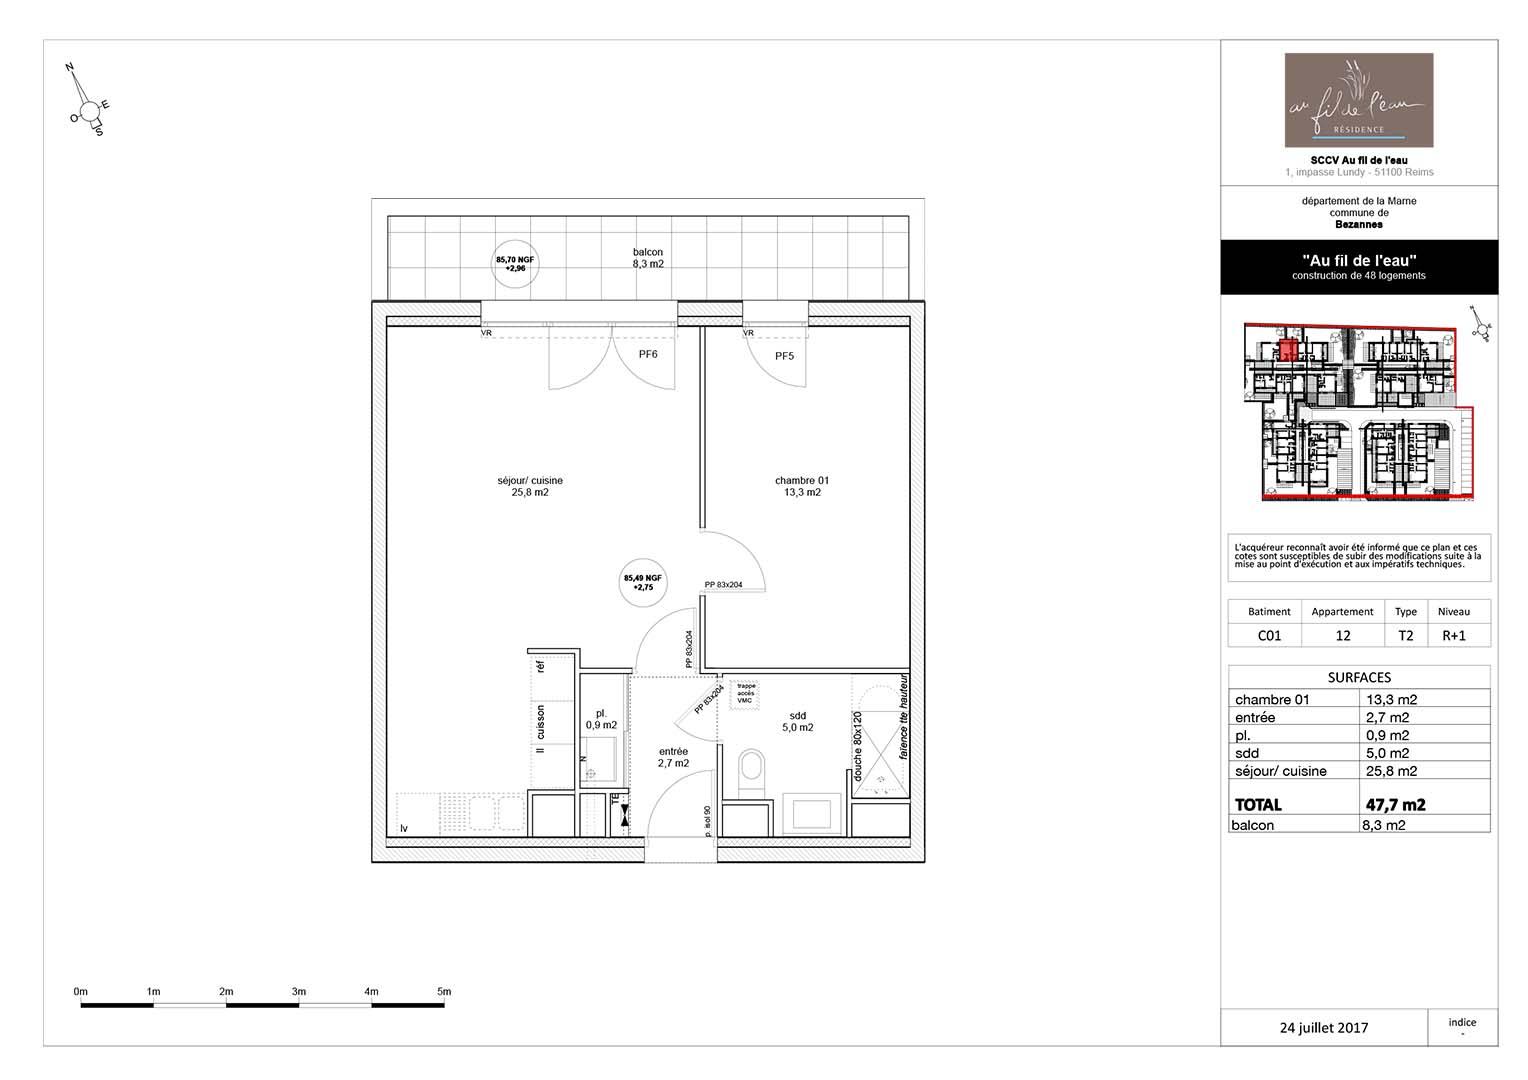 appartement C01-12 de type T2